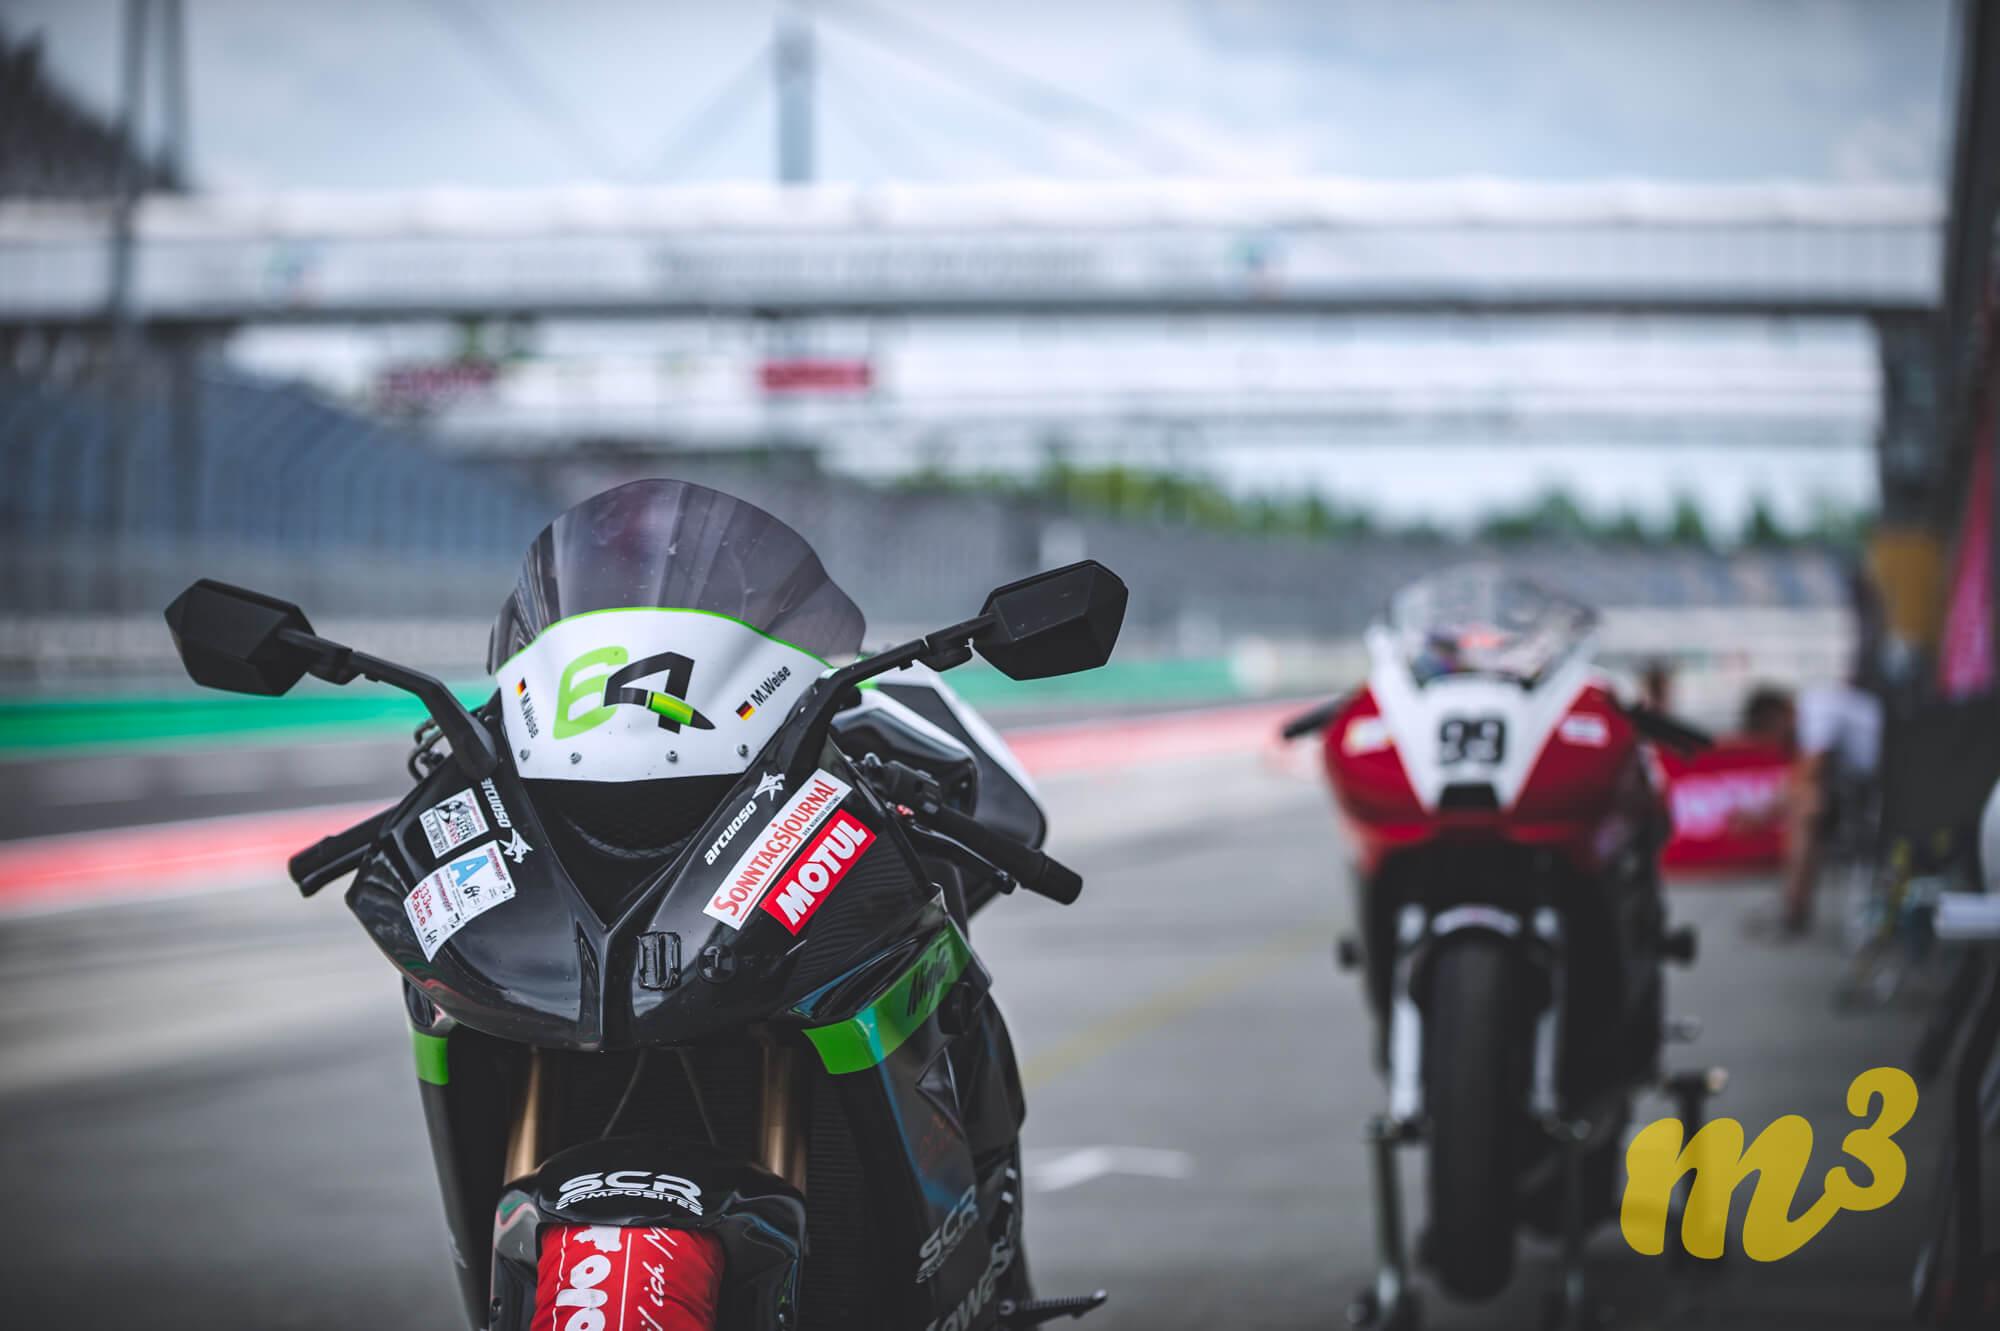 Motorräder auf der Rennstrecke DEKRA Lausitzring